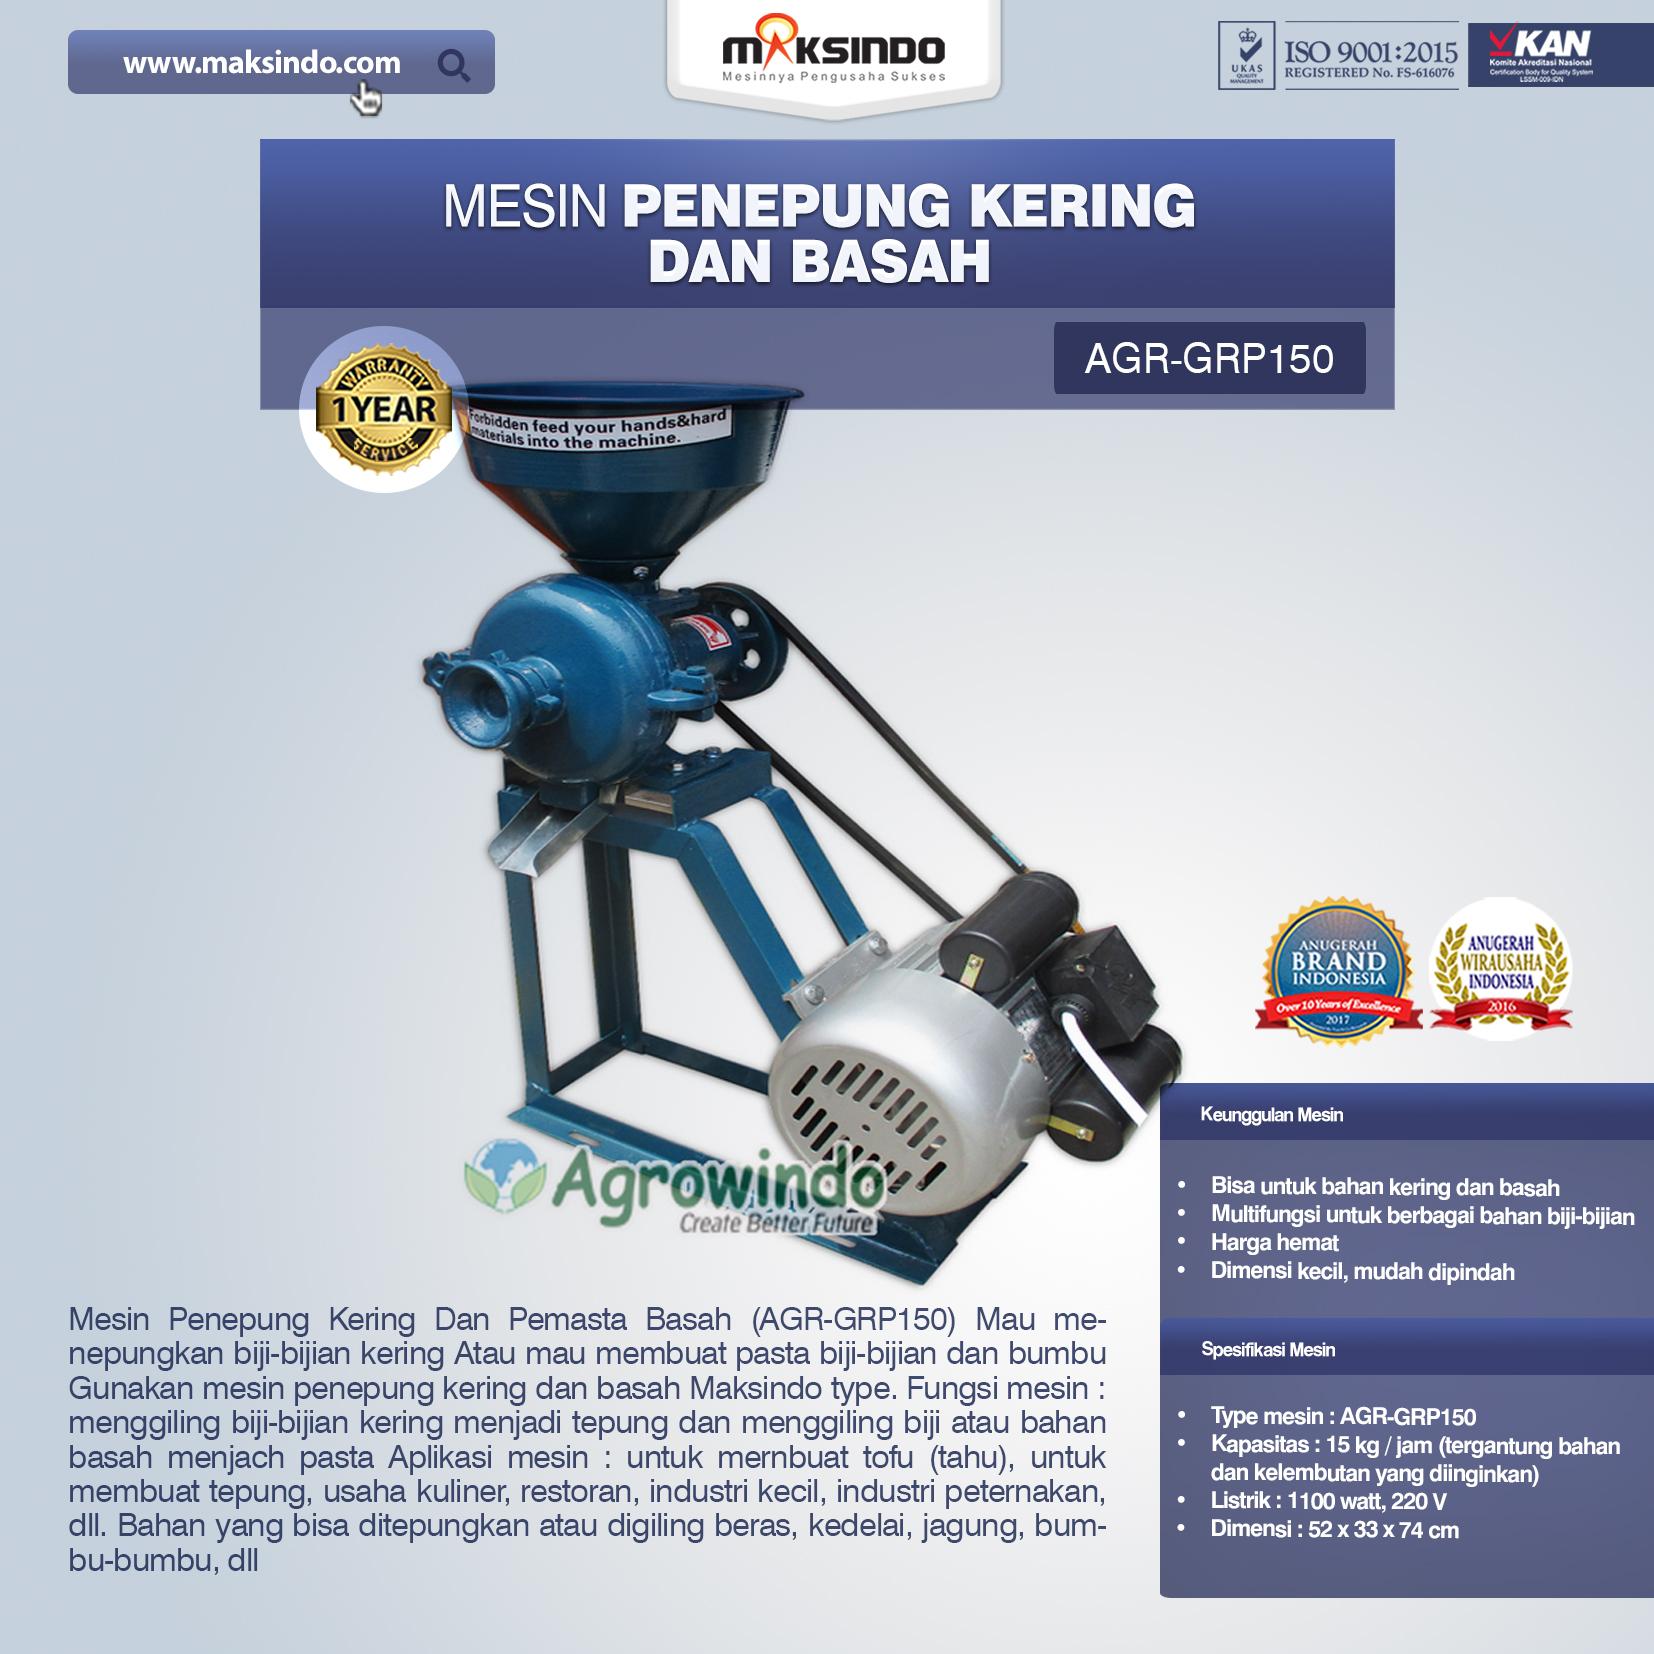 Jual Mesin Penepung Kering dan Basah (GRP150) di Medan